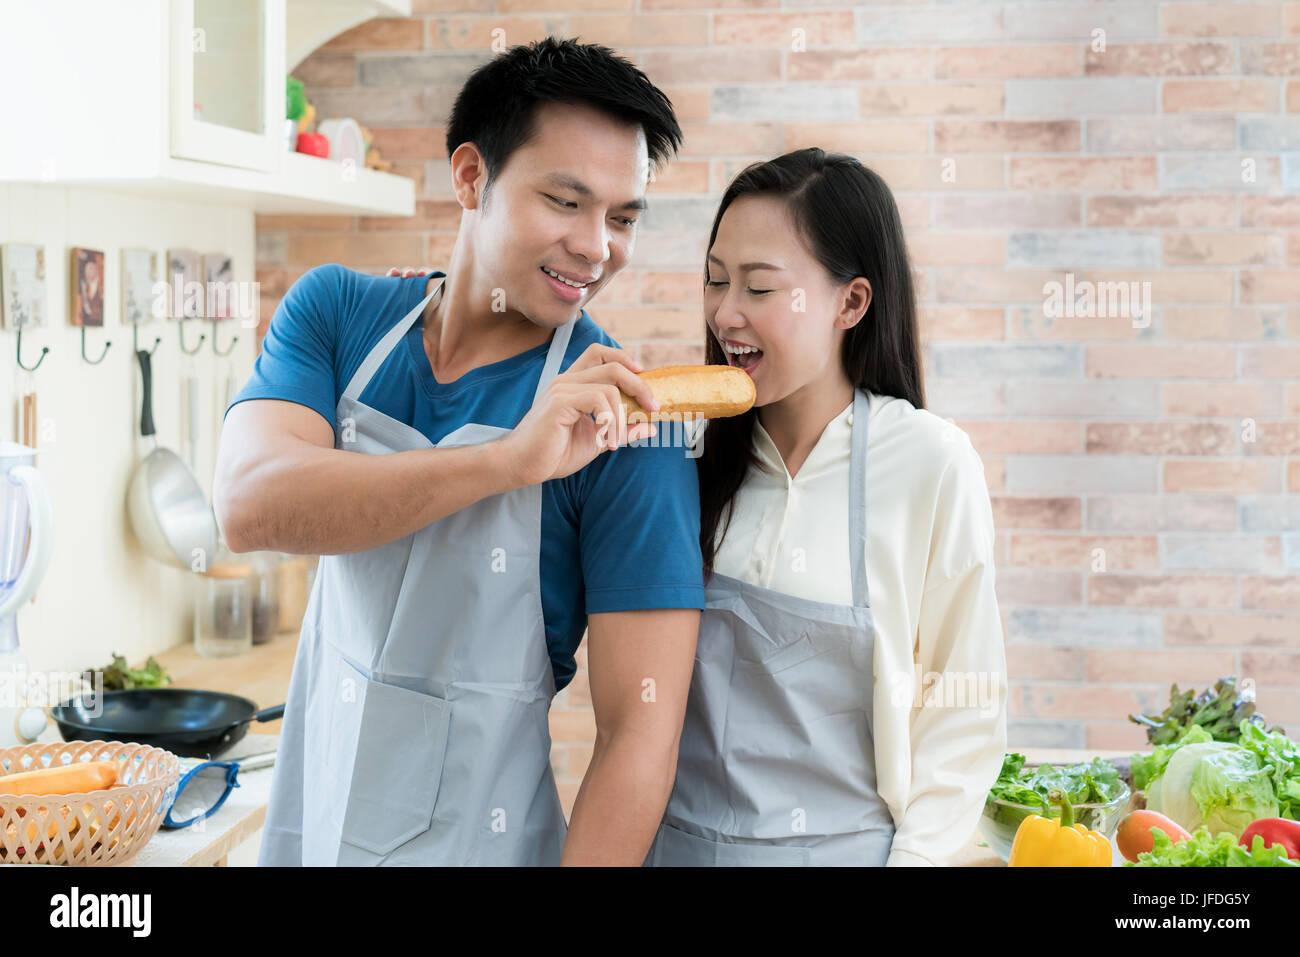 Belle asiatique jeune couple smiling pain alimentation pendant la cuisson dans la cuisine à la maison. L'amour Photo Stock